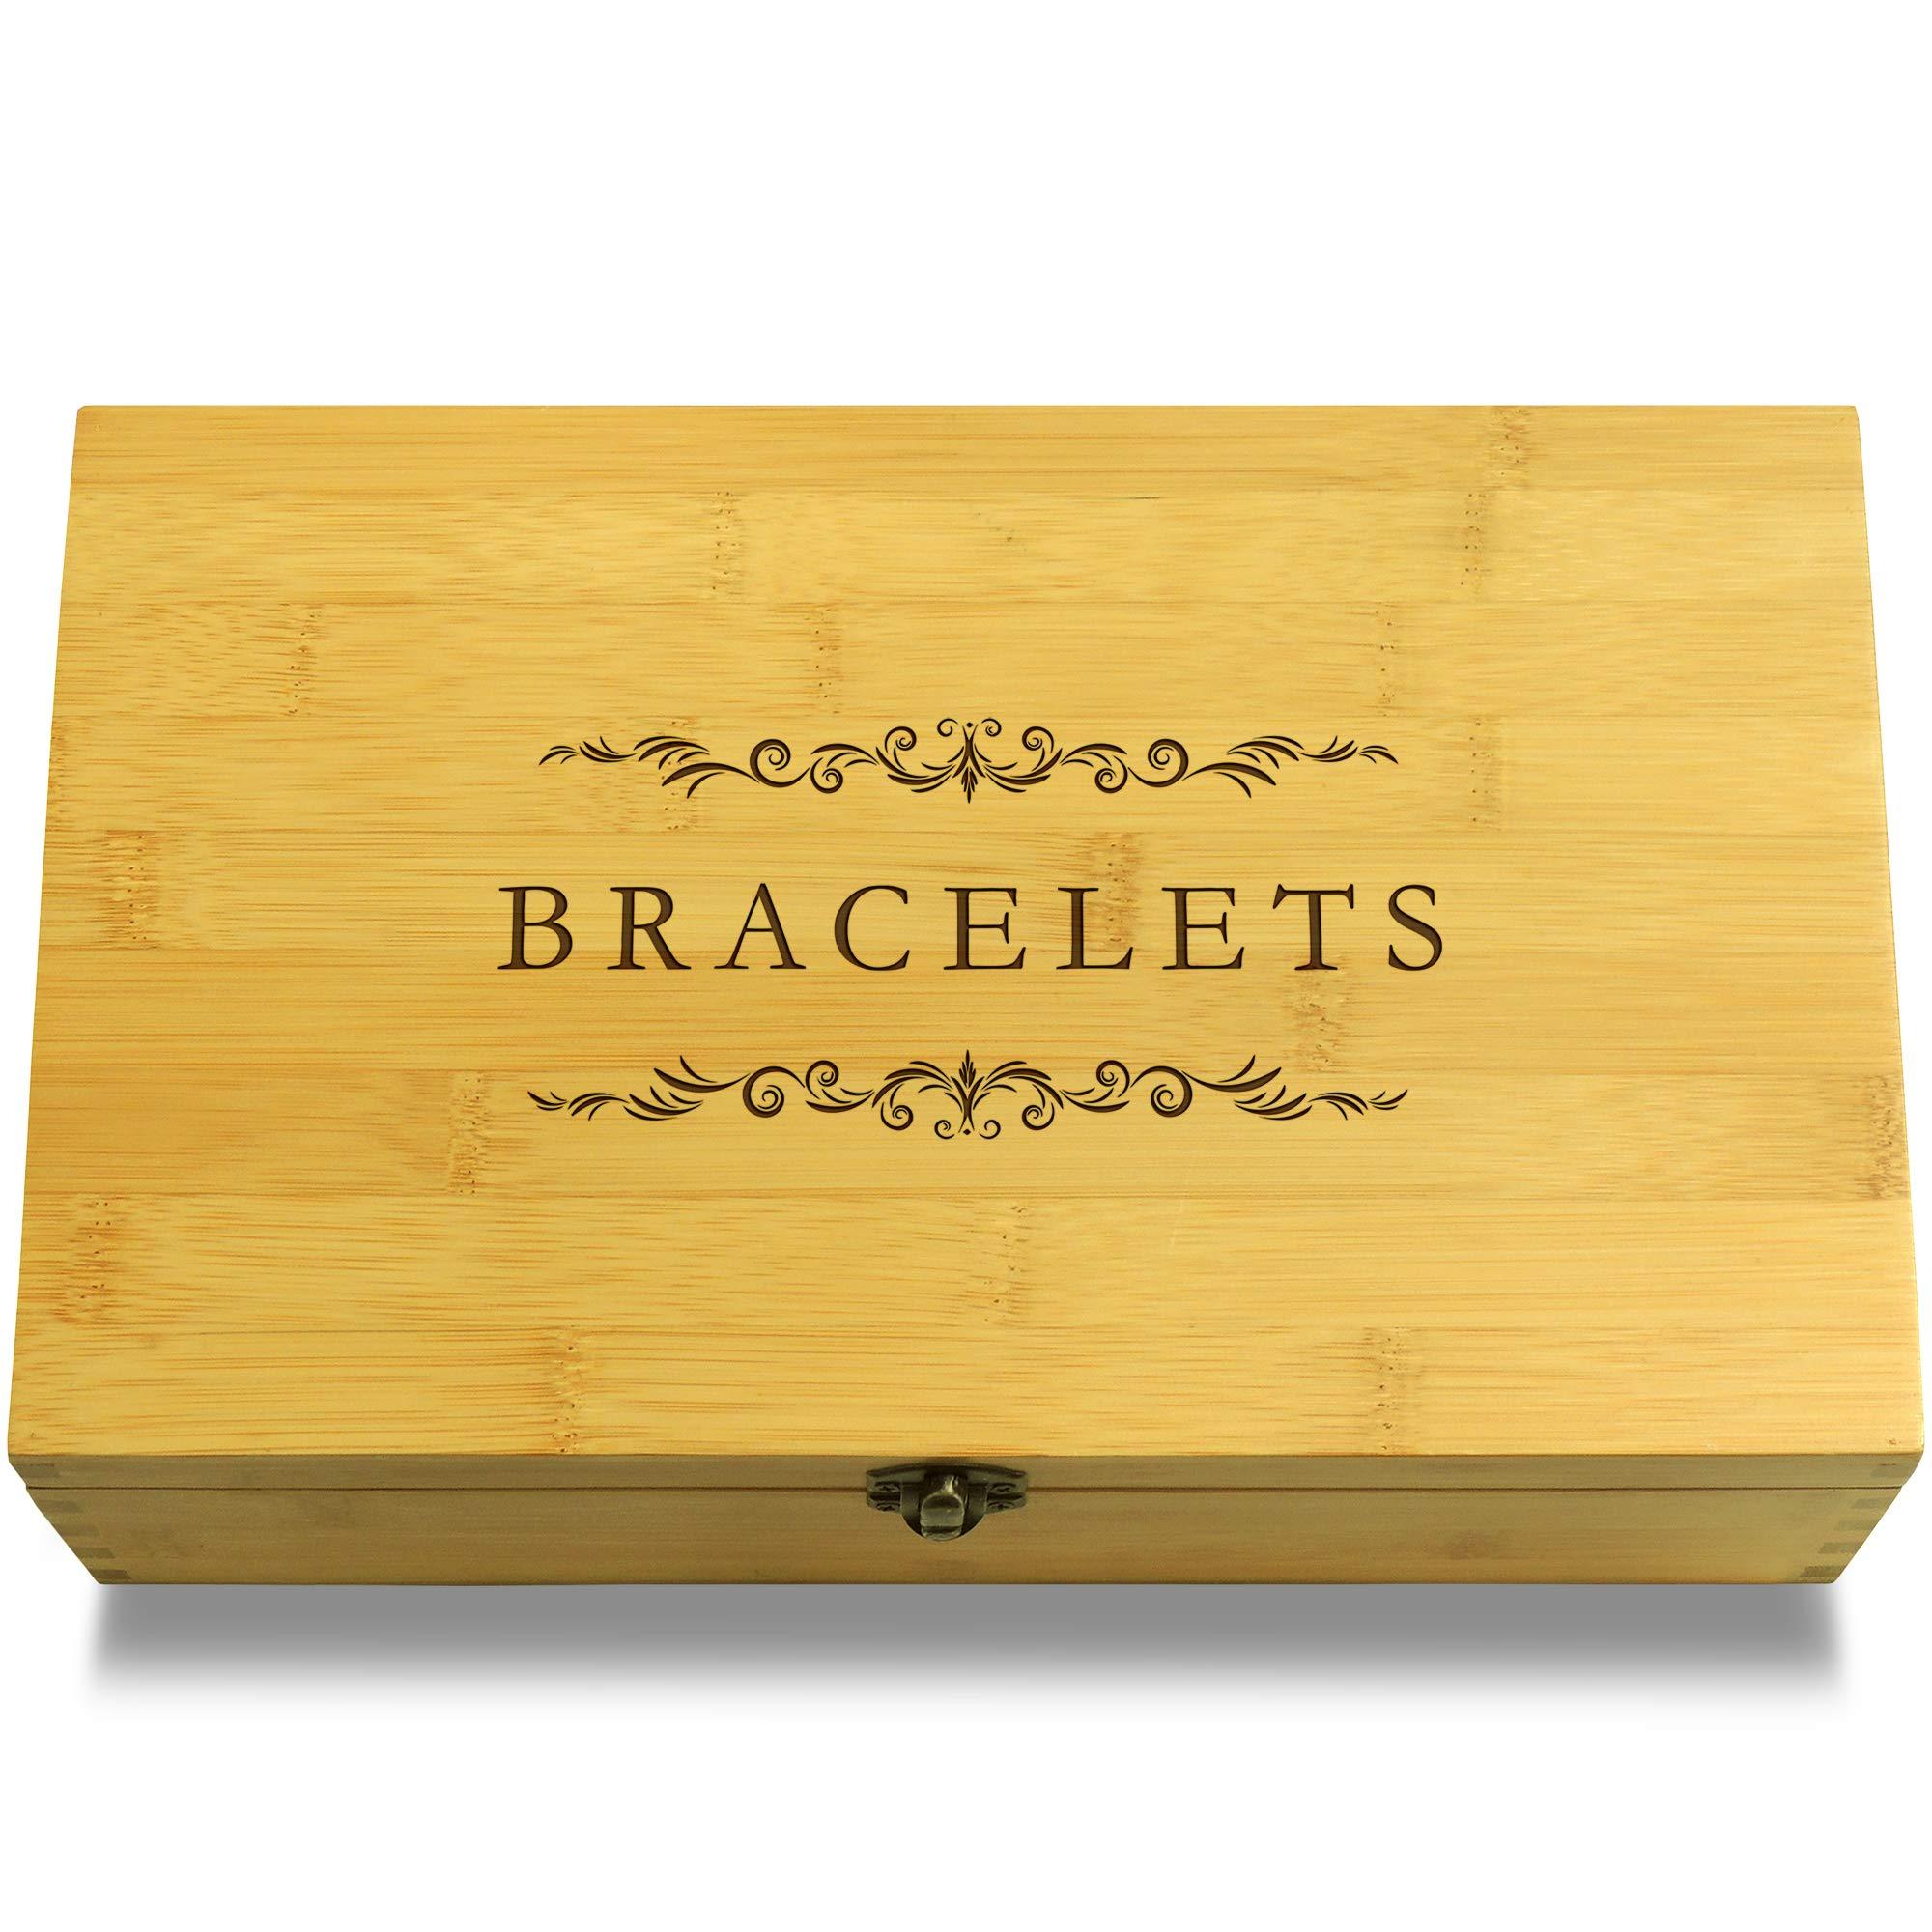 Cookbook People Bracelets Jewelry Multikeep Box - Keepsake Sustainable Bamboo Adjustable Organizer